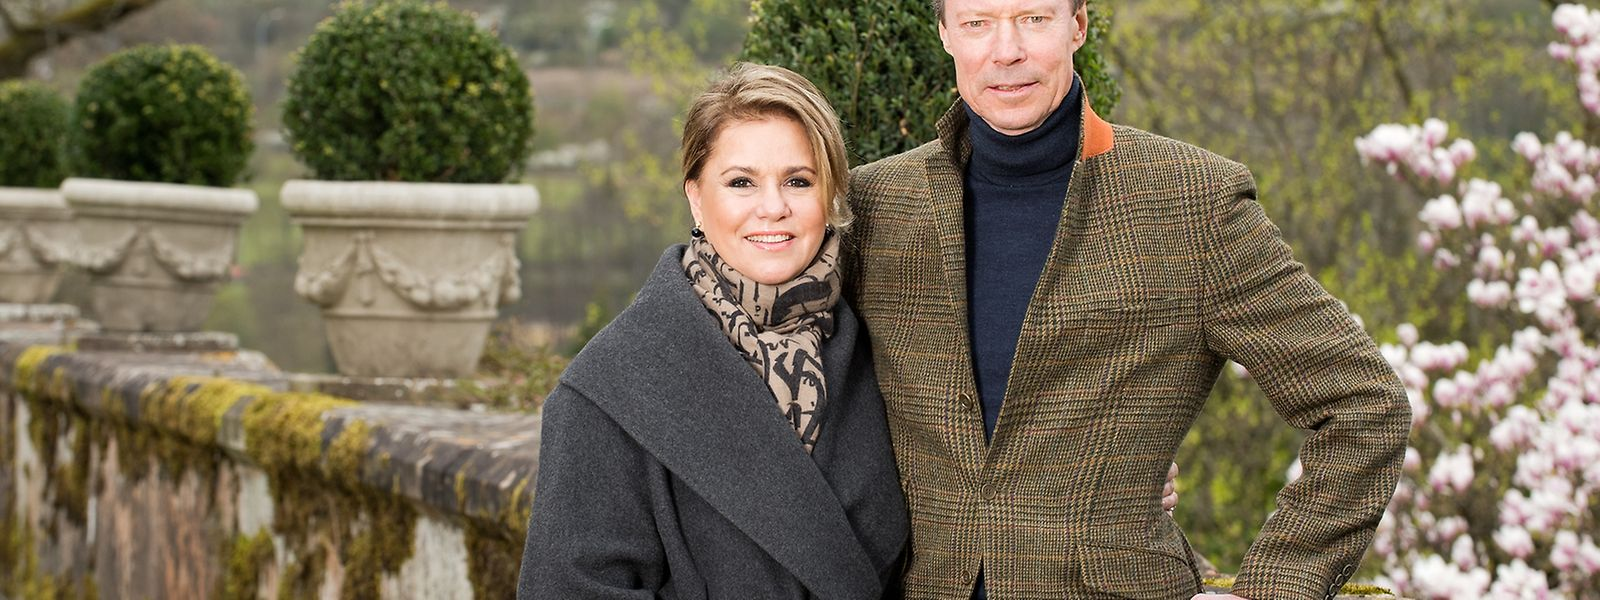 Großherzog Henri und seine Frau Maria Teresa auf Schloss Fischbach